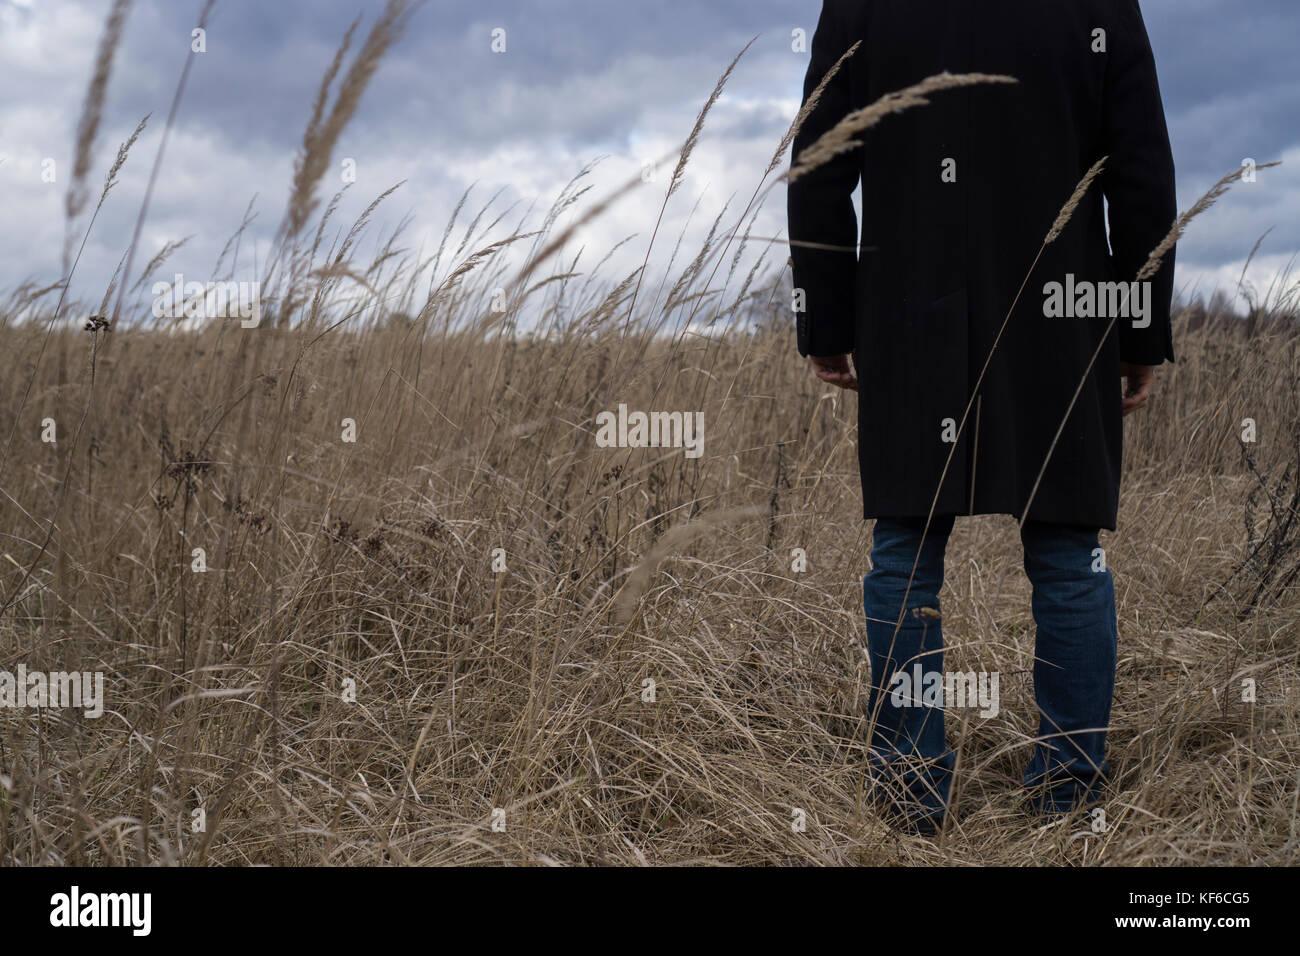 Zurück Nahaufnahme, wie ein Mann mit einem Mantel stehen in einem Feld Stockbild